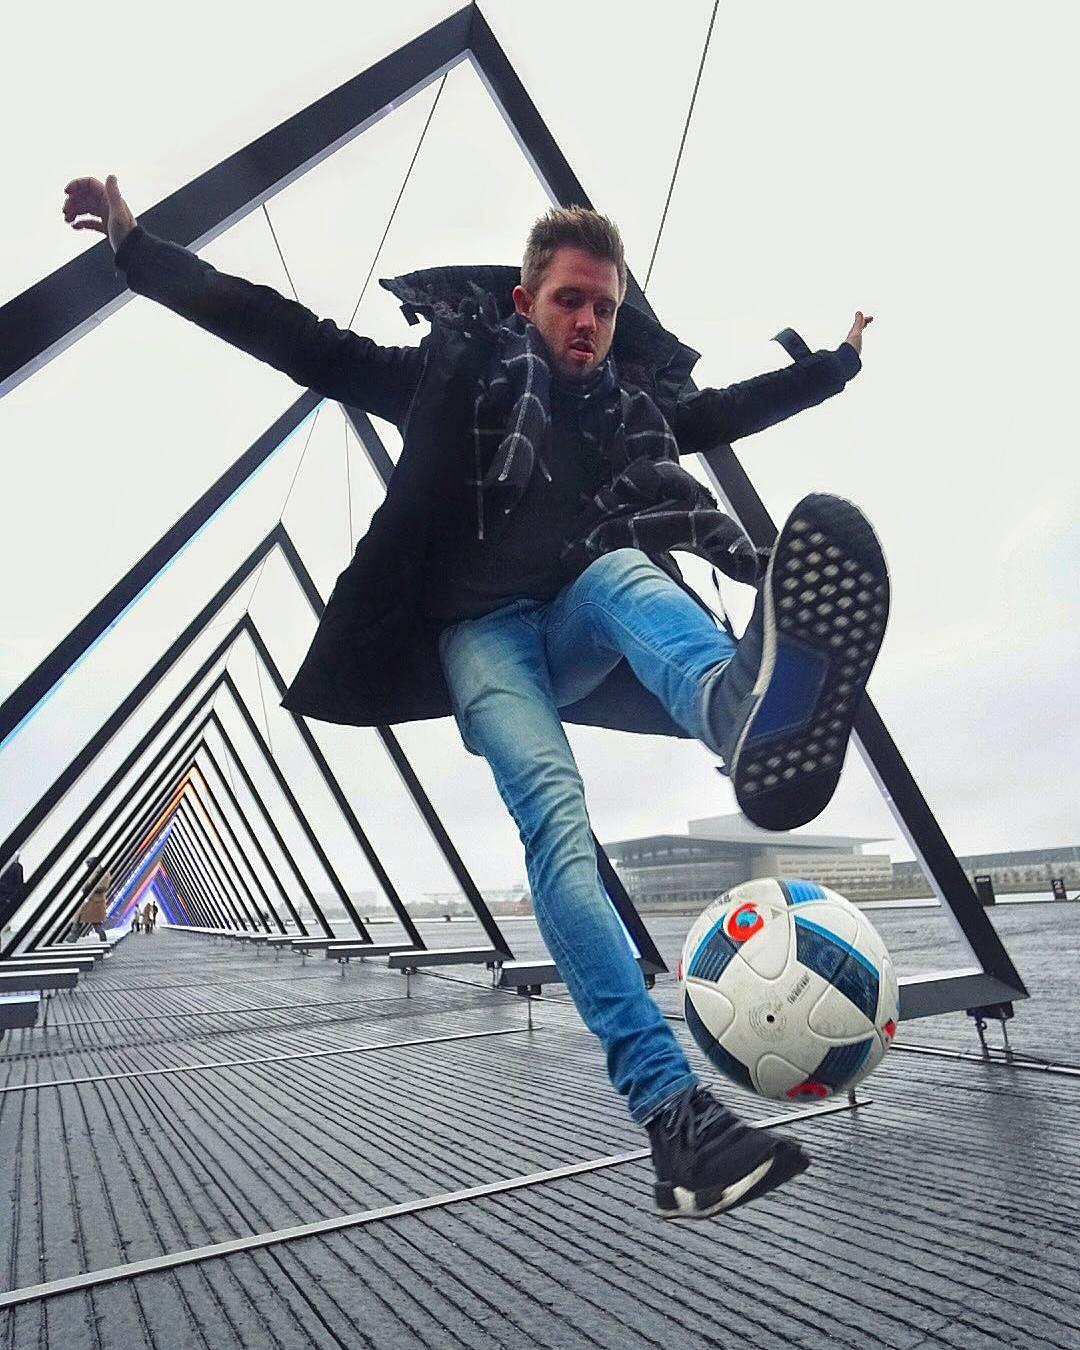 Fußball-Freestyle Treffen in Kopenhagen